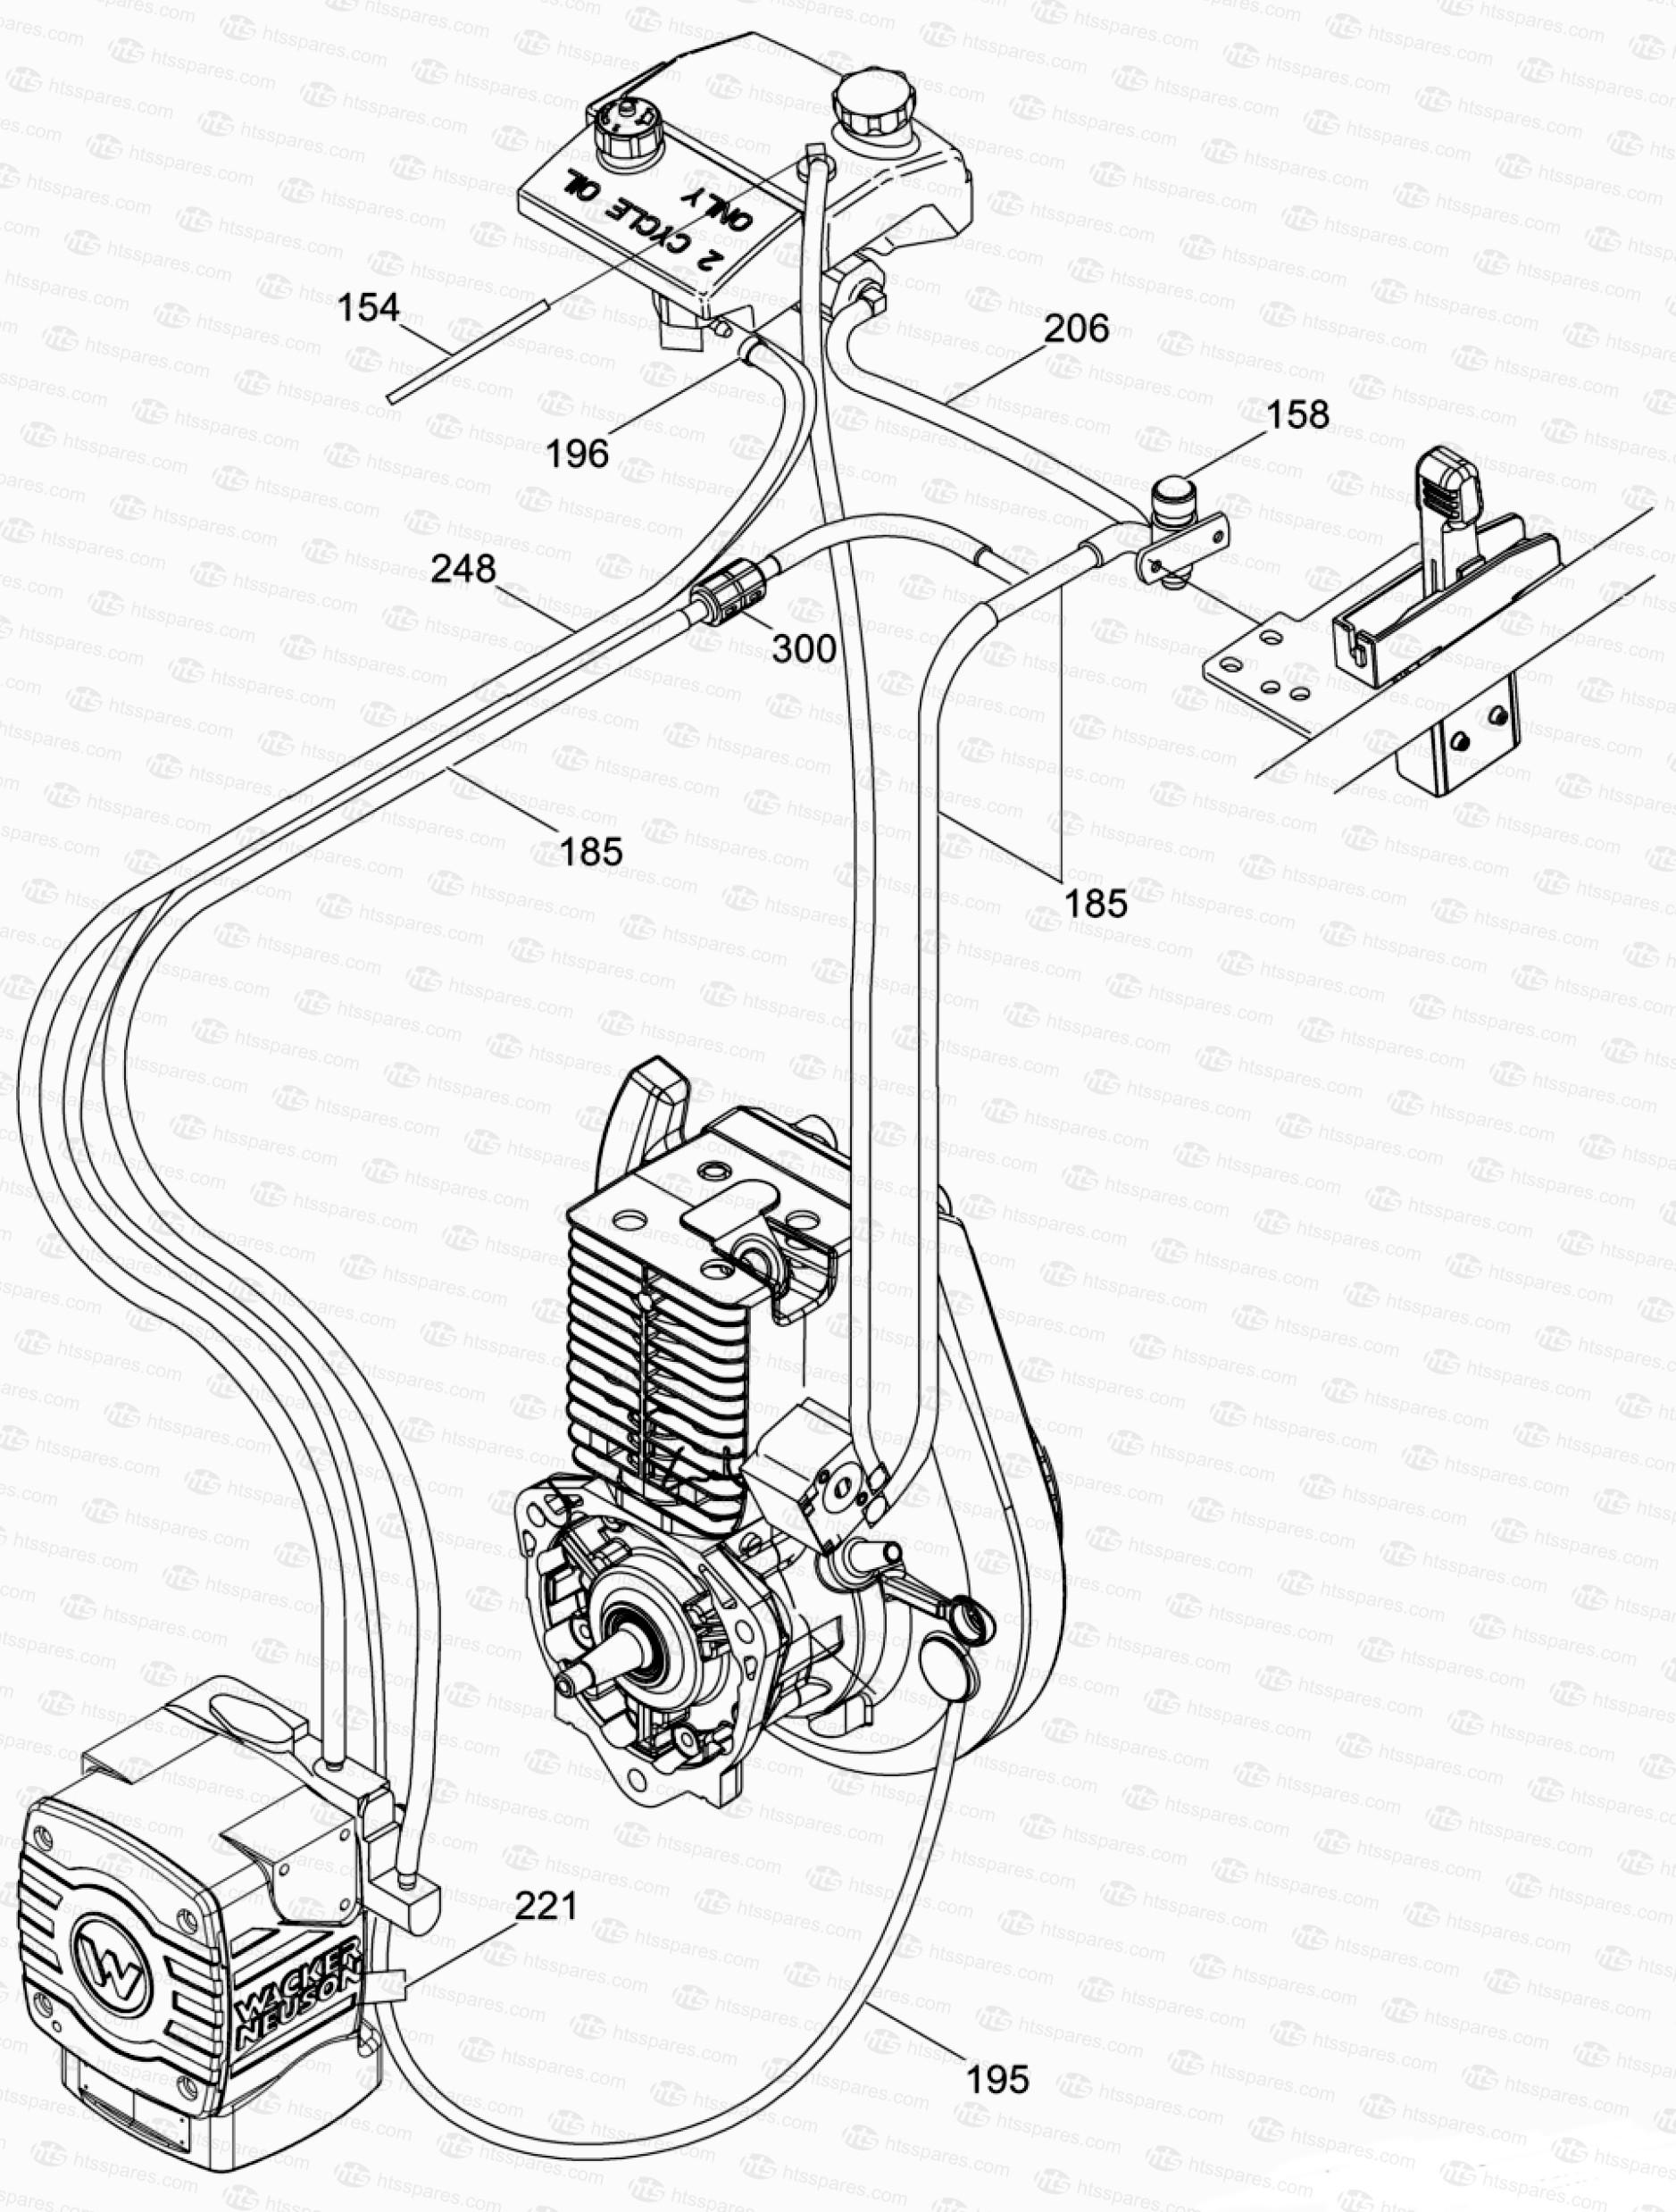 oil hose oil hose diagram sea-doo spx oil hose diagram #23